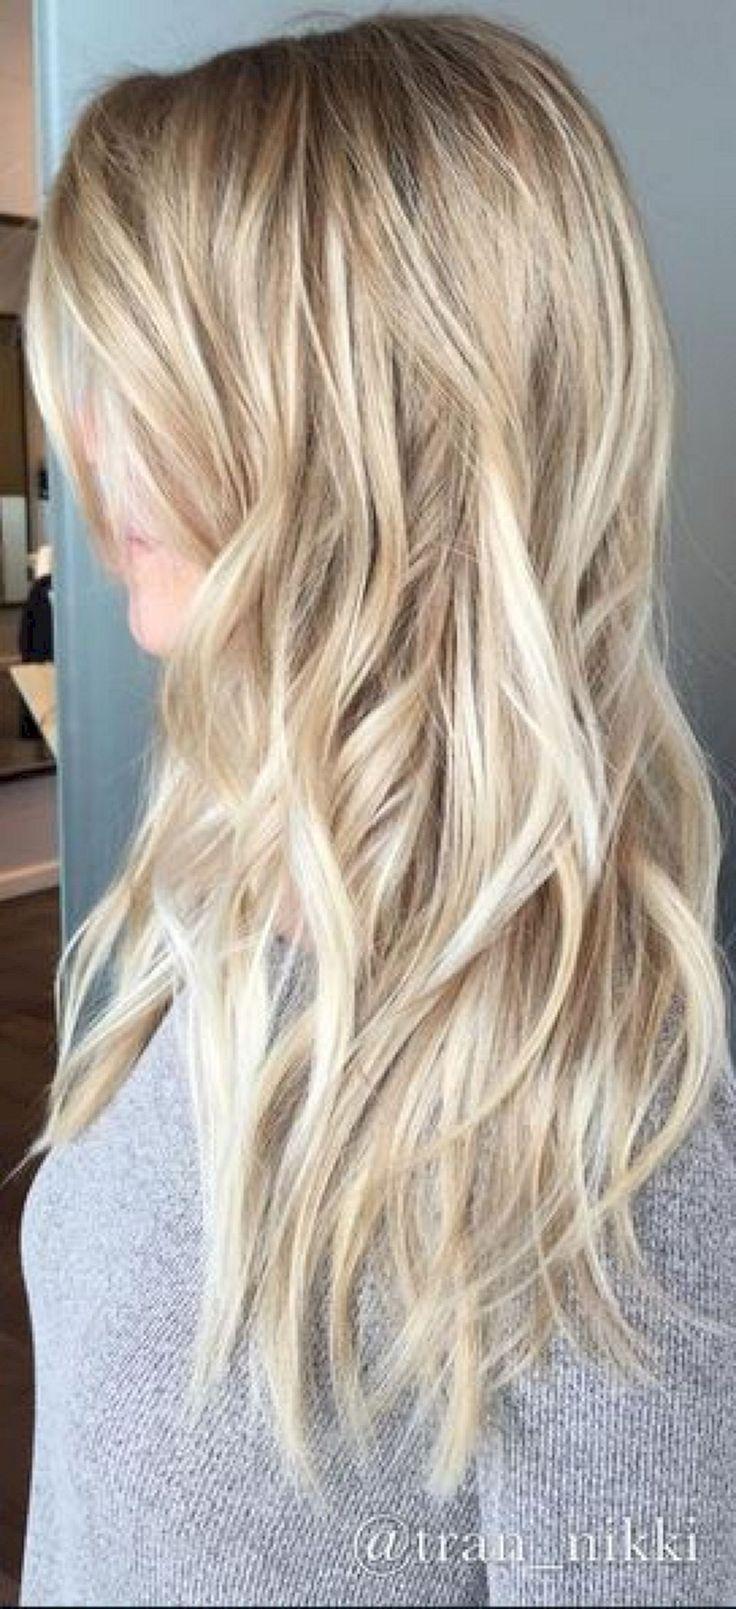 Best 25+ Summer blonde hair ideas on Pinterest   Blonde ...